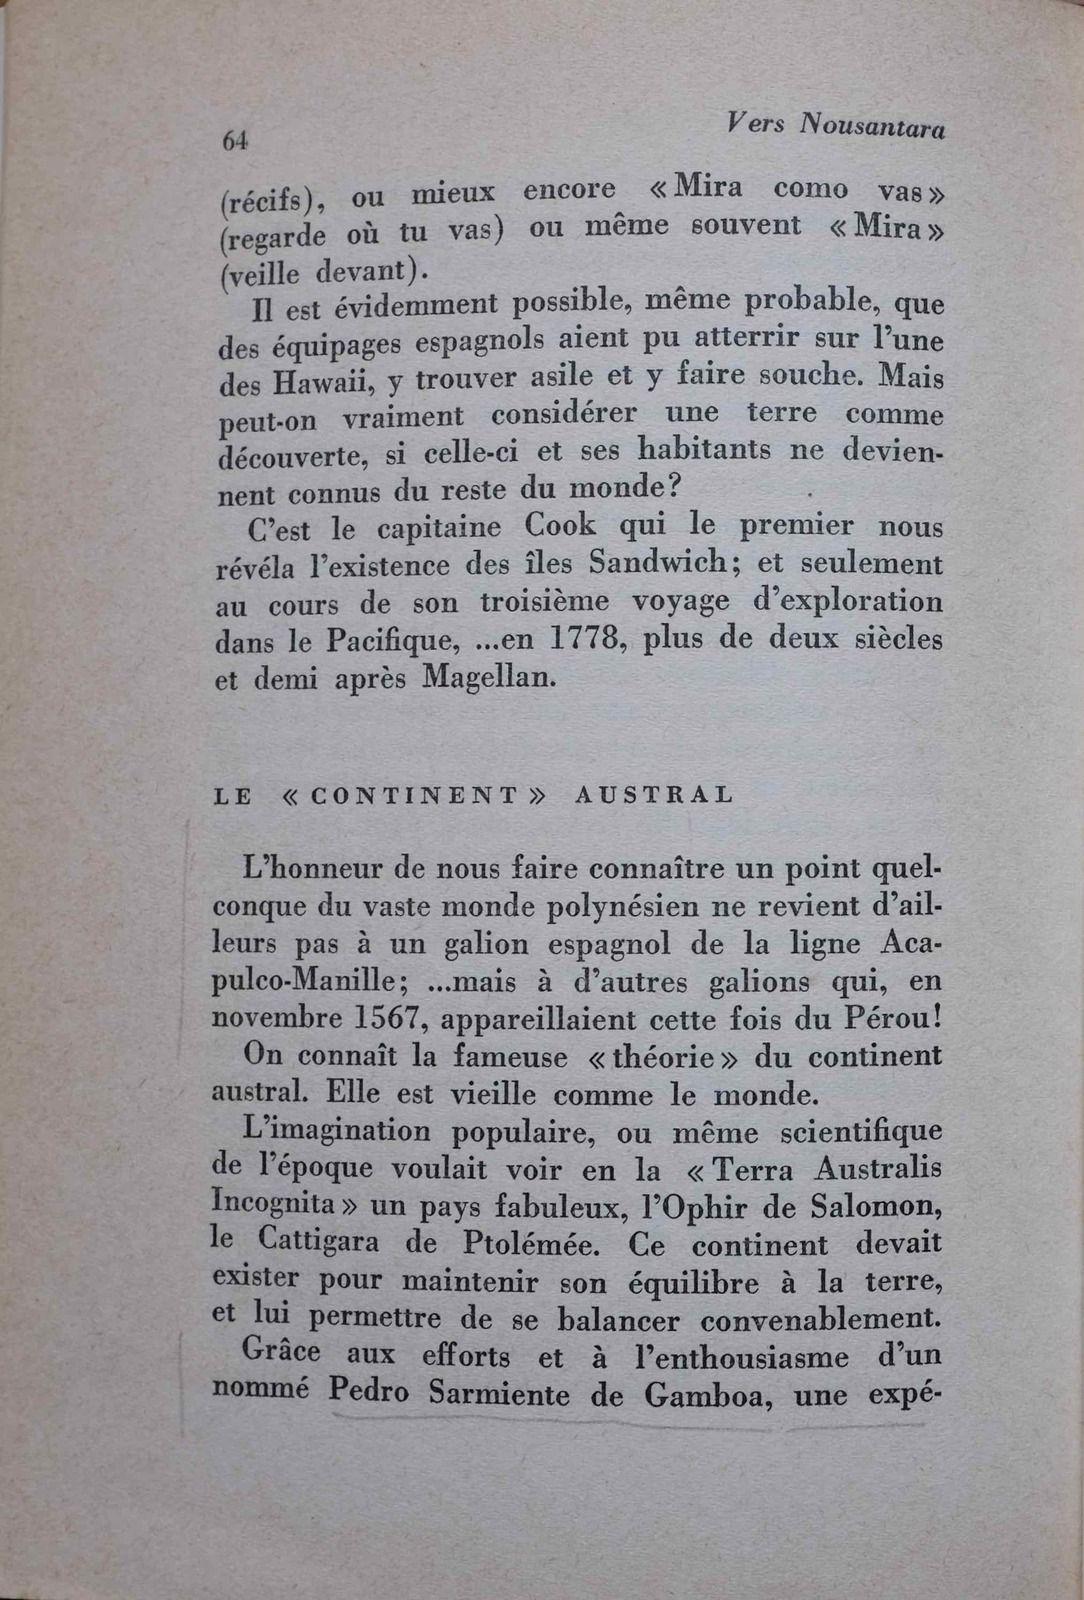 """A propos de l'annexion peu glorieuse de l'archipel des Marquises en 1842 par la France (Herman Melville, """"Taïpi"""")."""